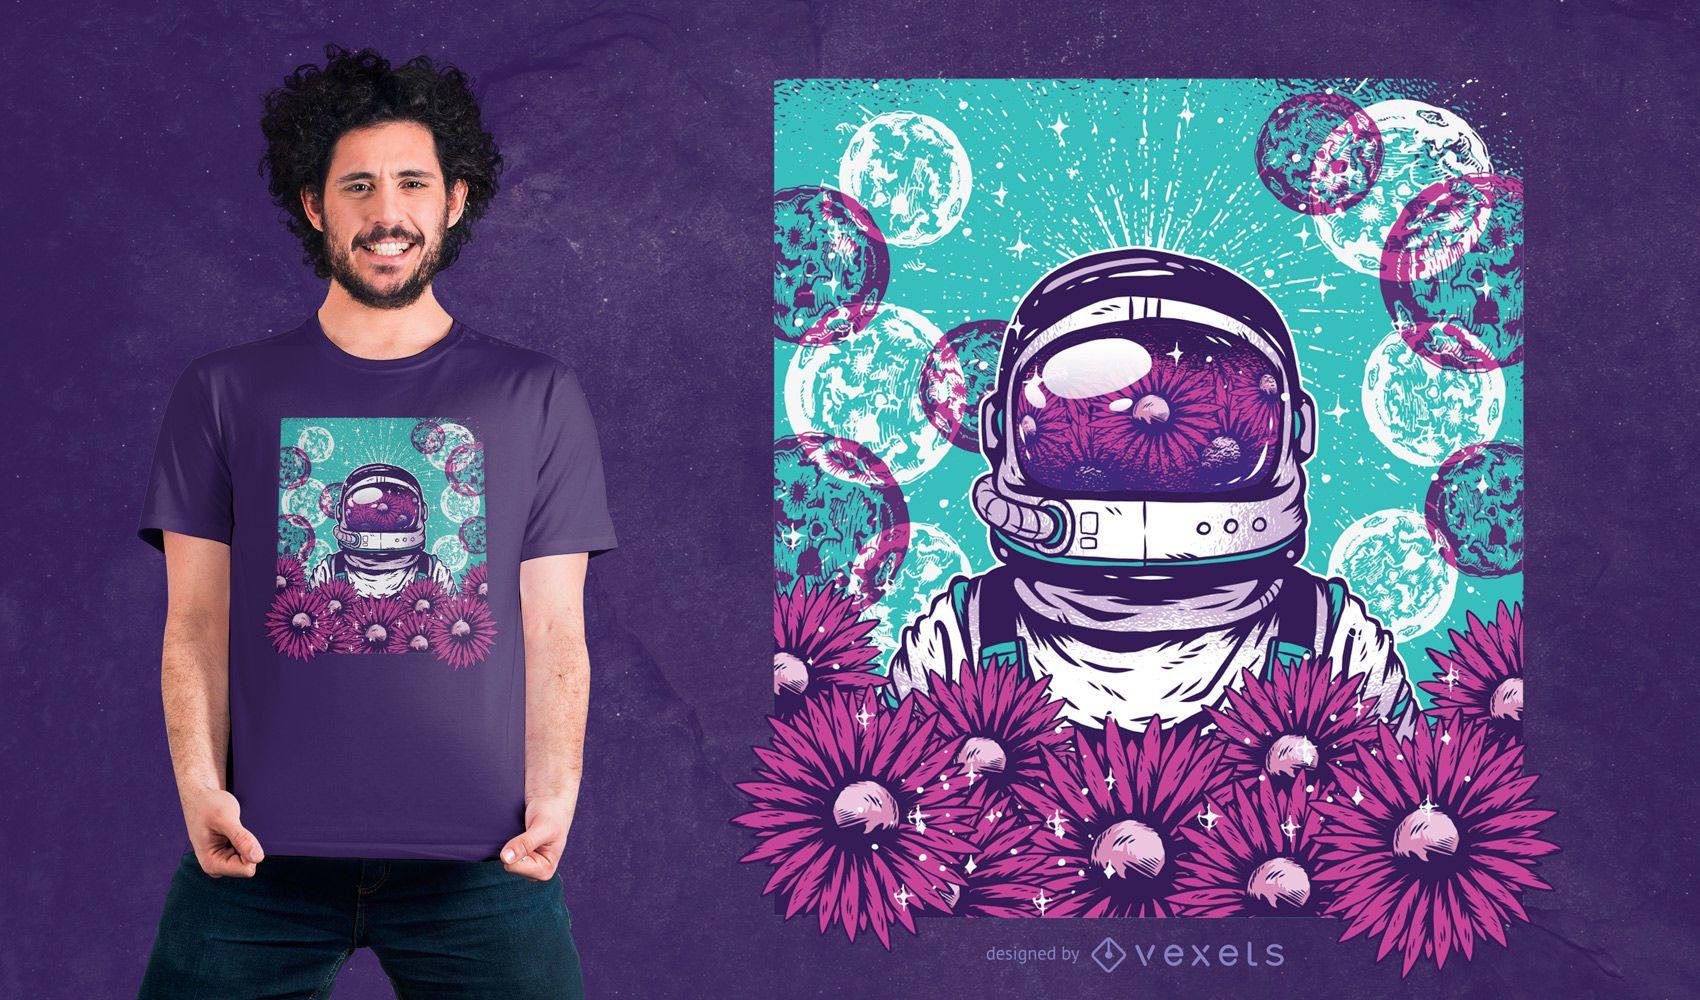 Dise?o de camiseta de astronauta floral